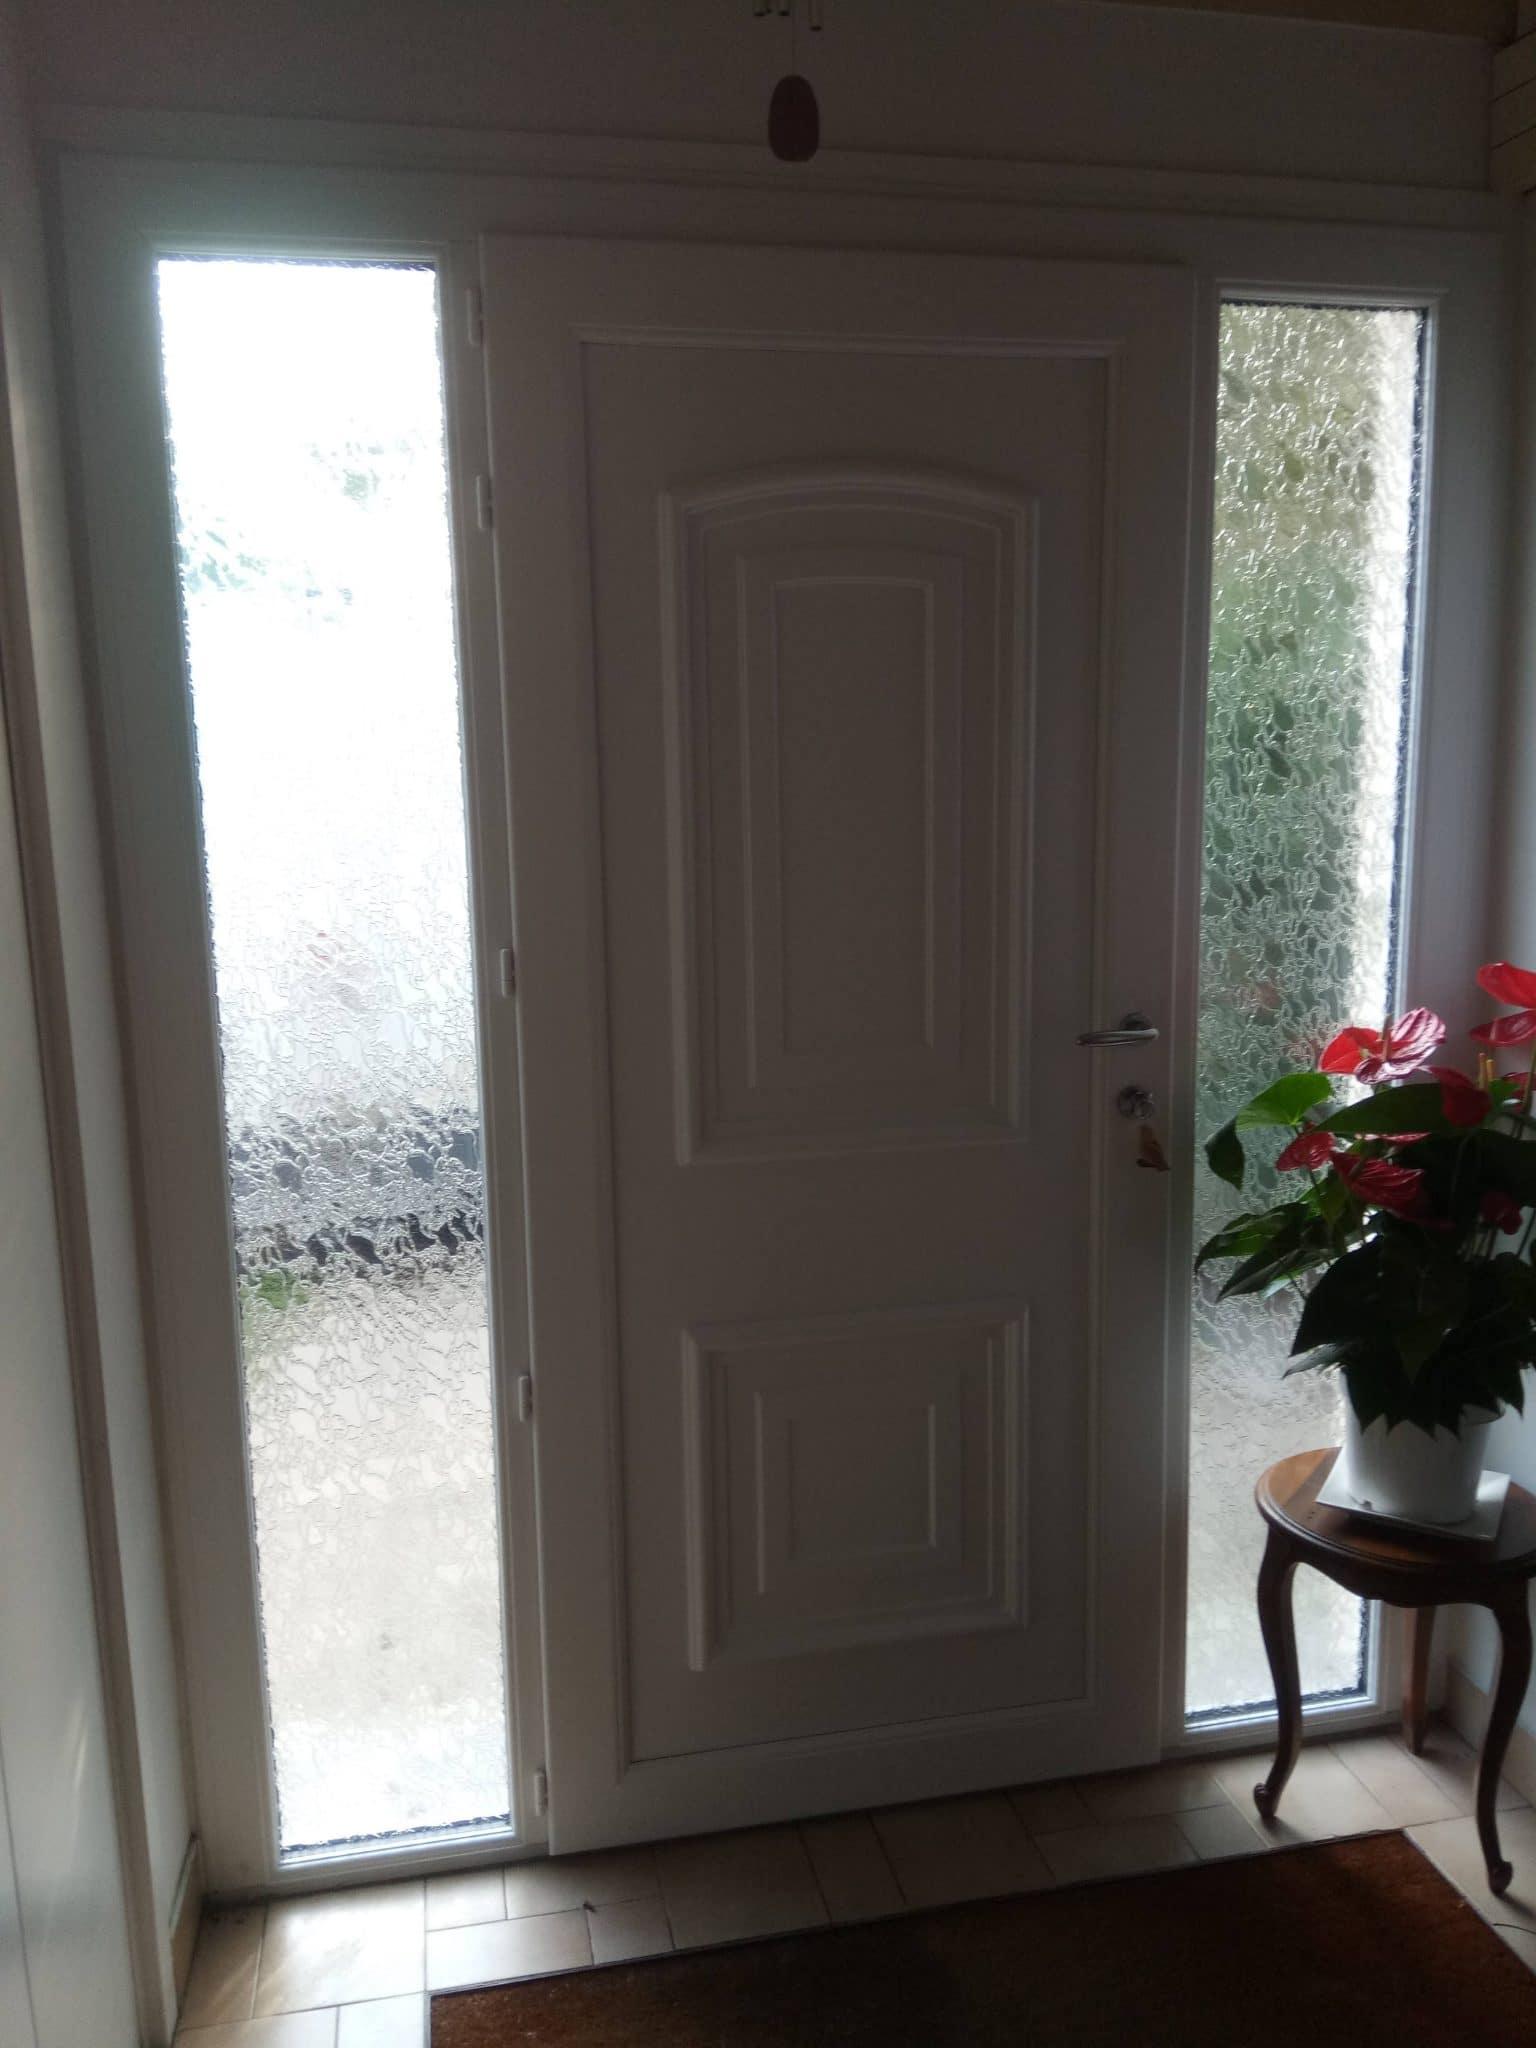 Porte d'entrée en PVC avec 2 fixes latéraux vitrage Delta clair, poignée alu brossée